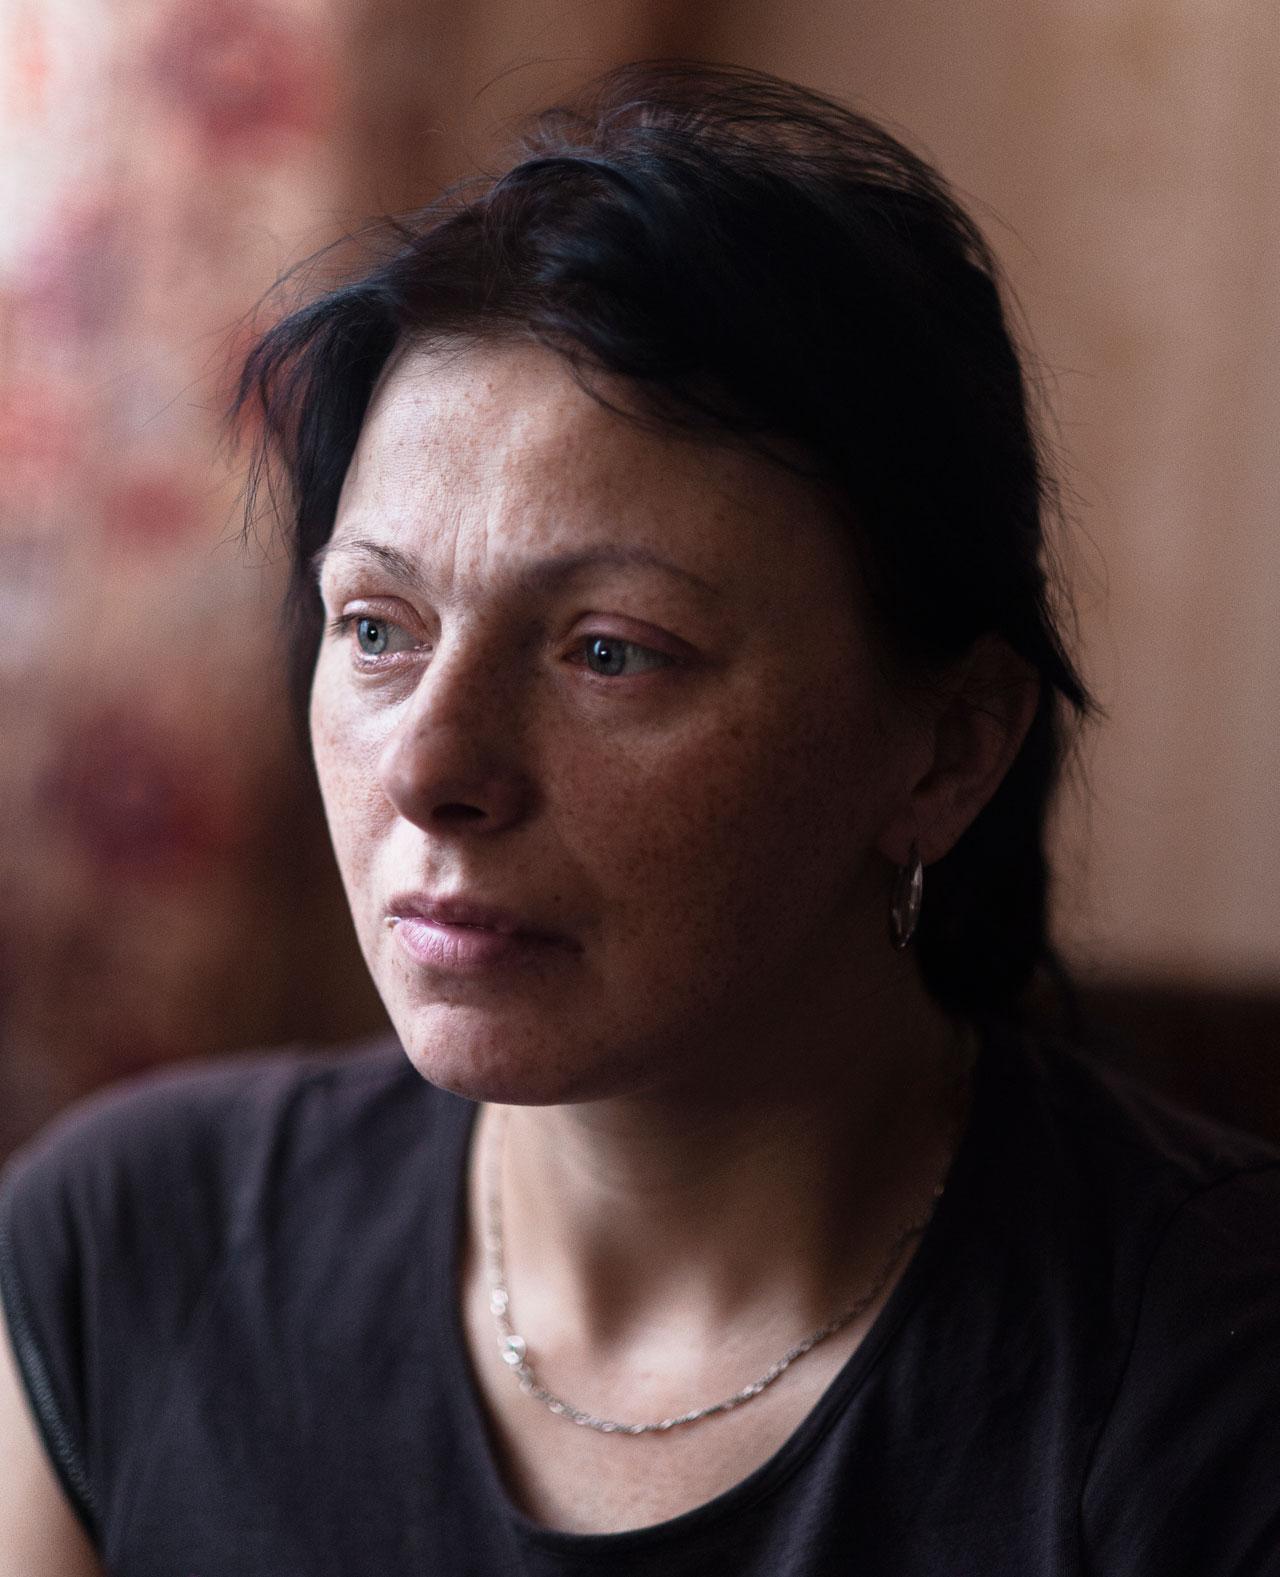 Moritz Küstner - AIDS in Estonia – the fate of Margarita Prigorina - Felix Schoeller Photoaward